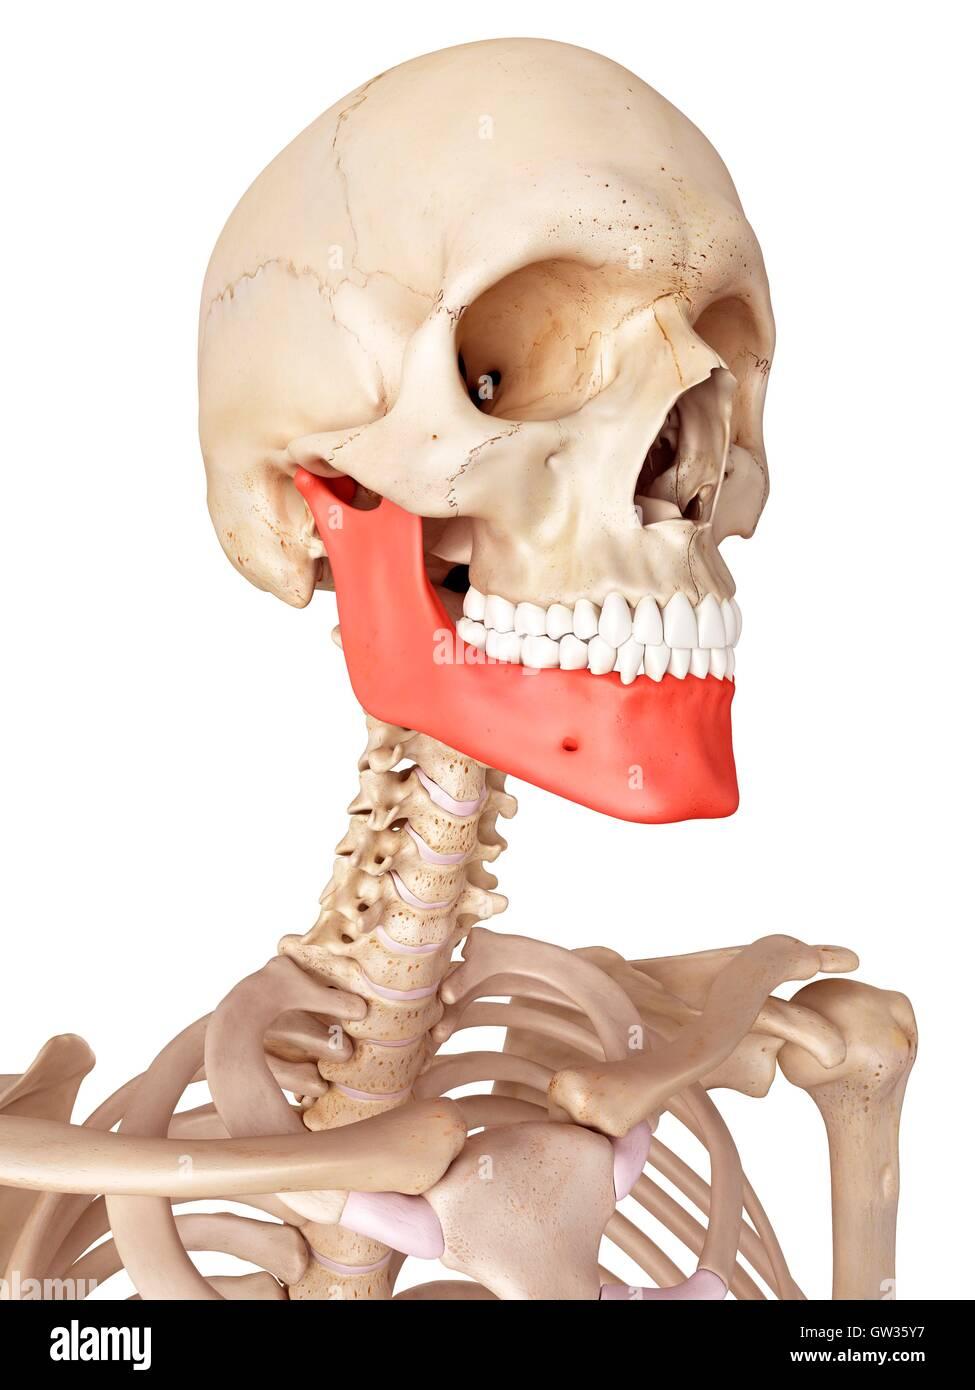 Beste The Human Jaw Anatomy Zeitgenössisch - Menschliche Anatomie ...